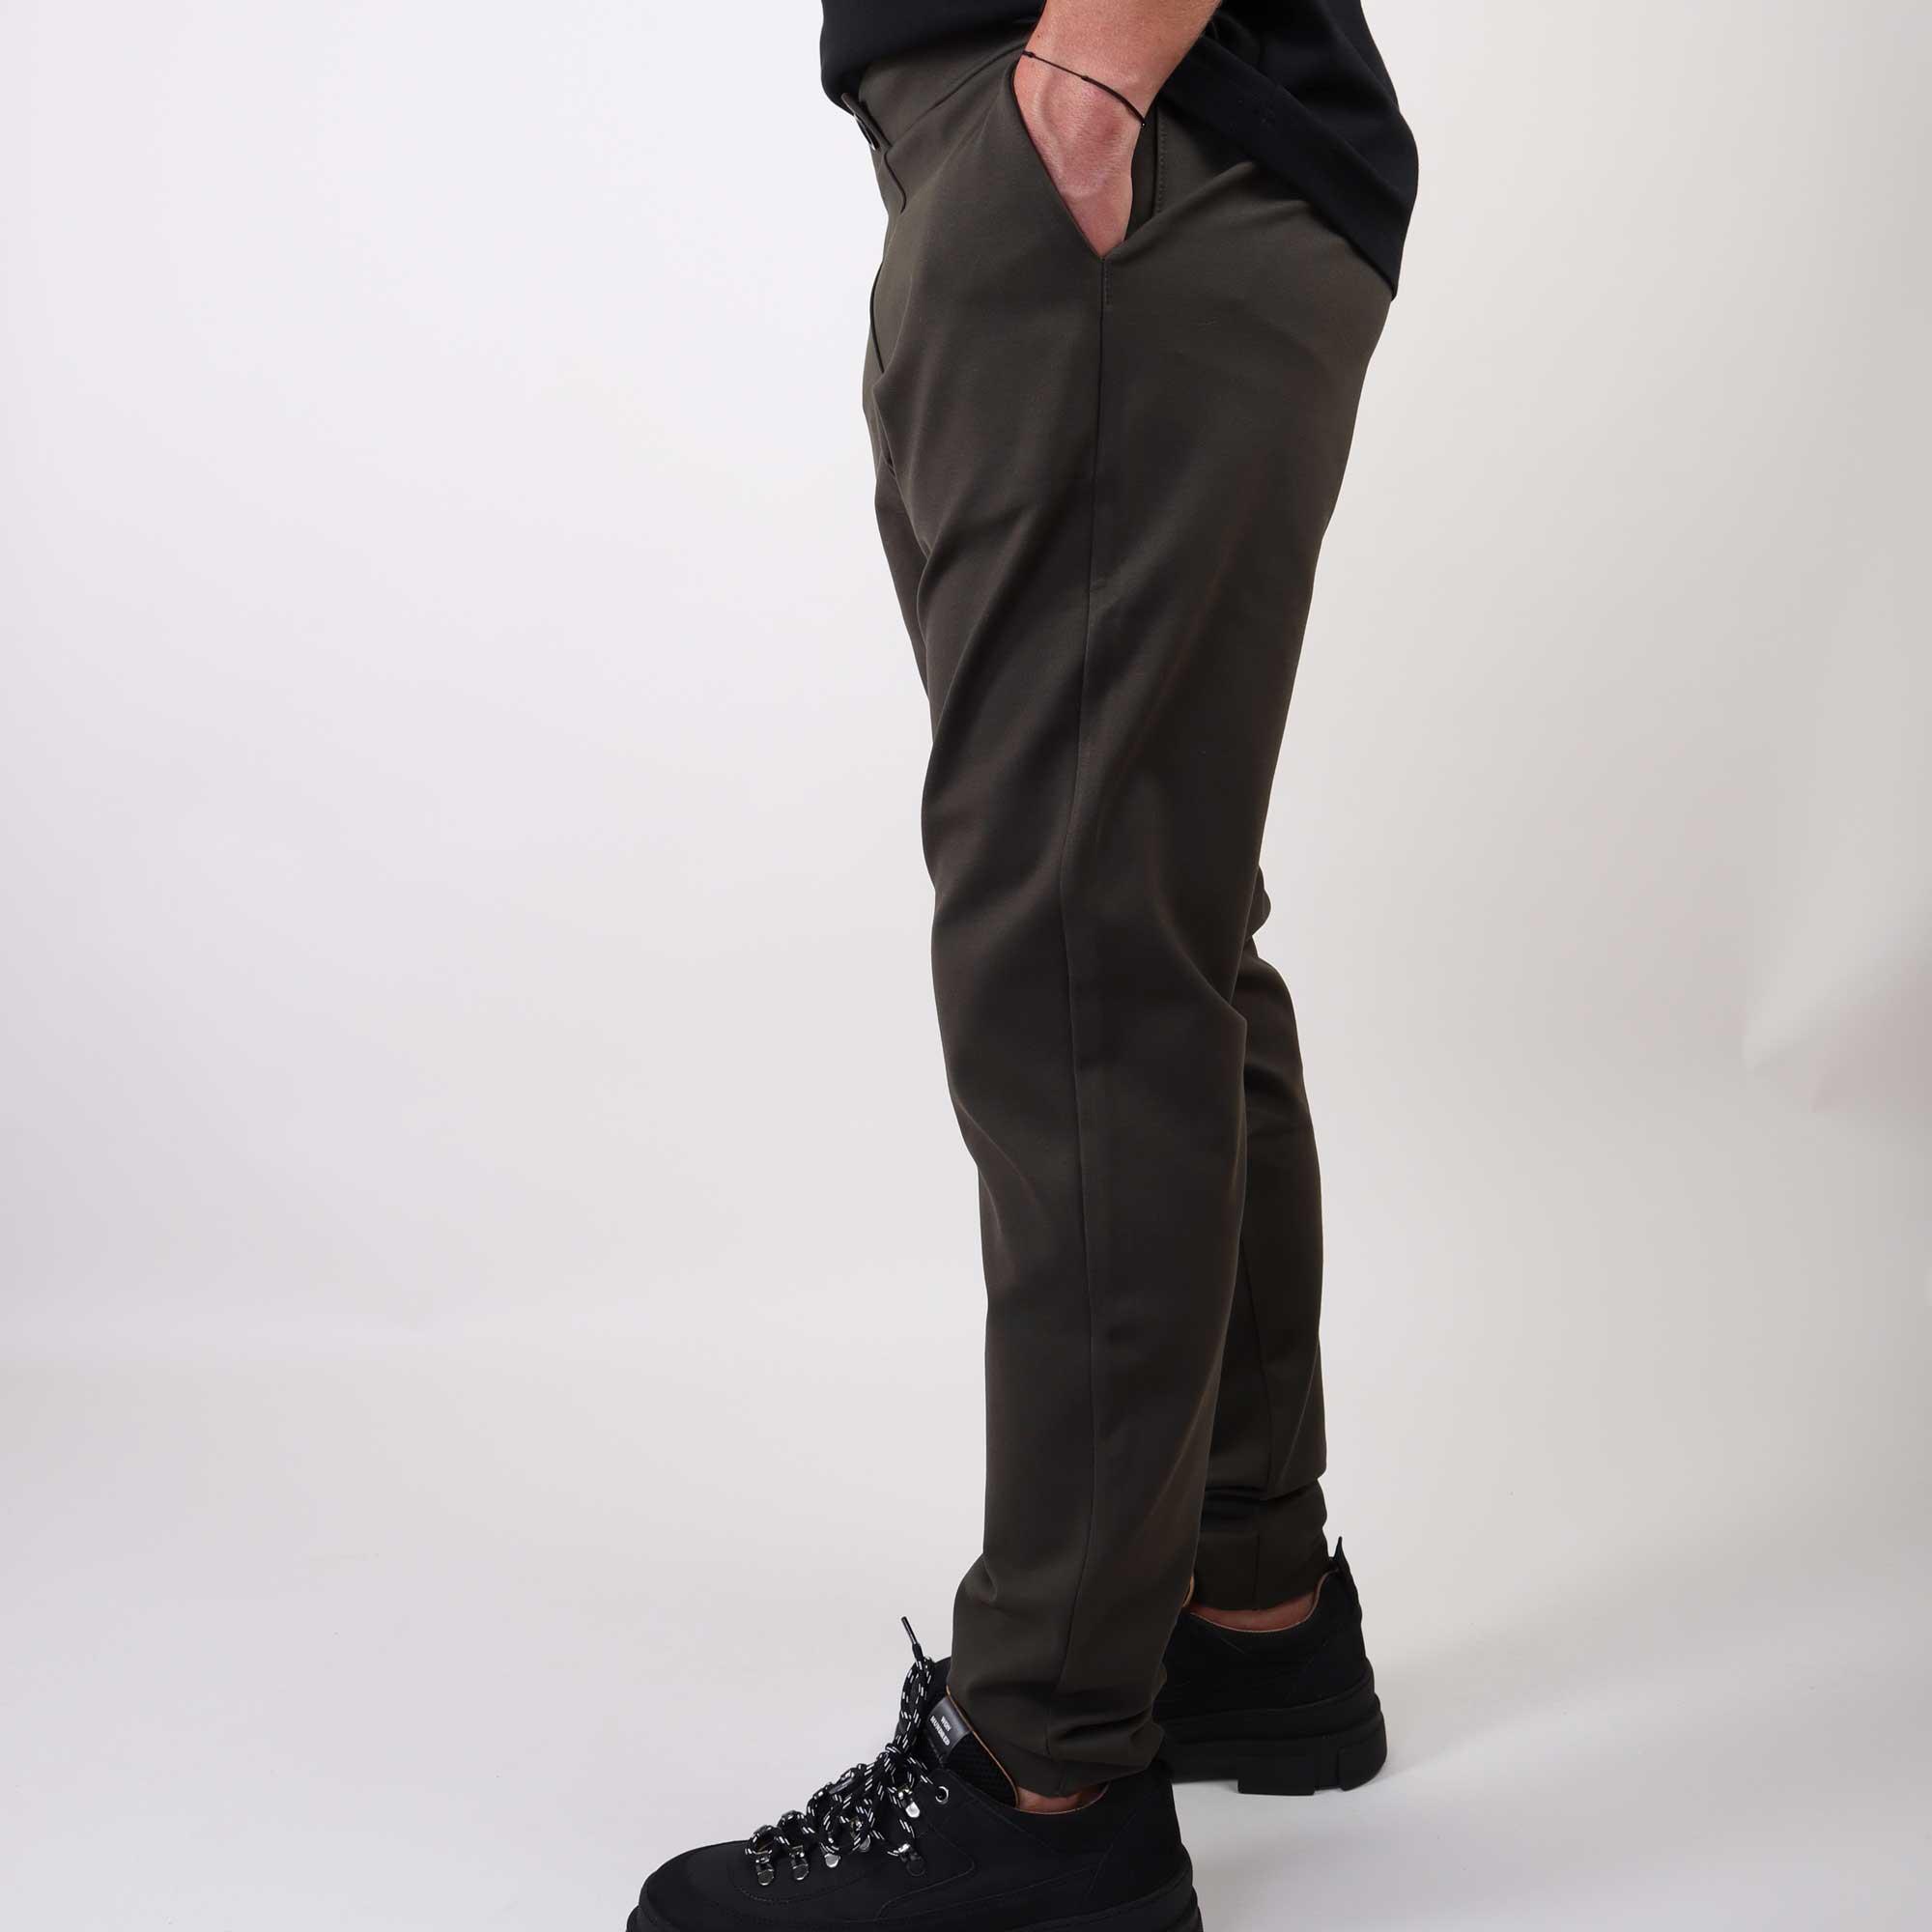 punto-pants-knoop-donkergroen-1